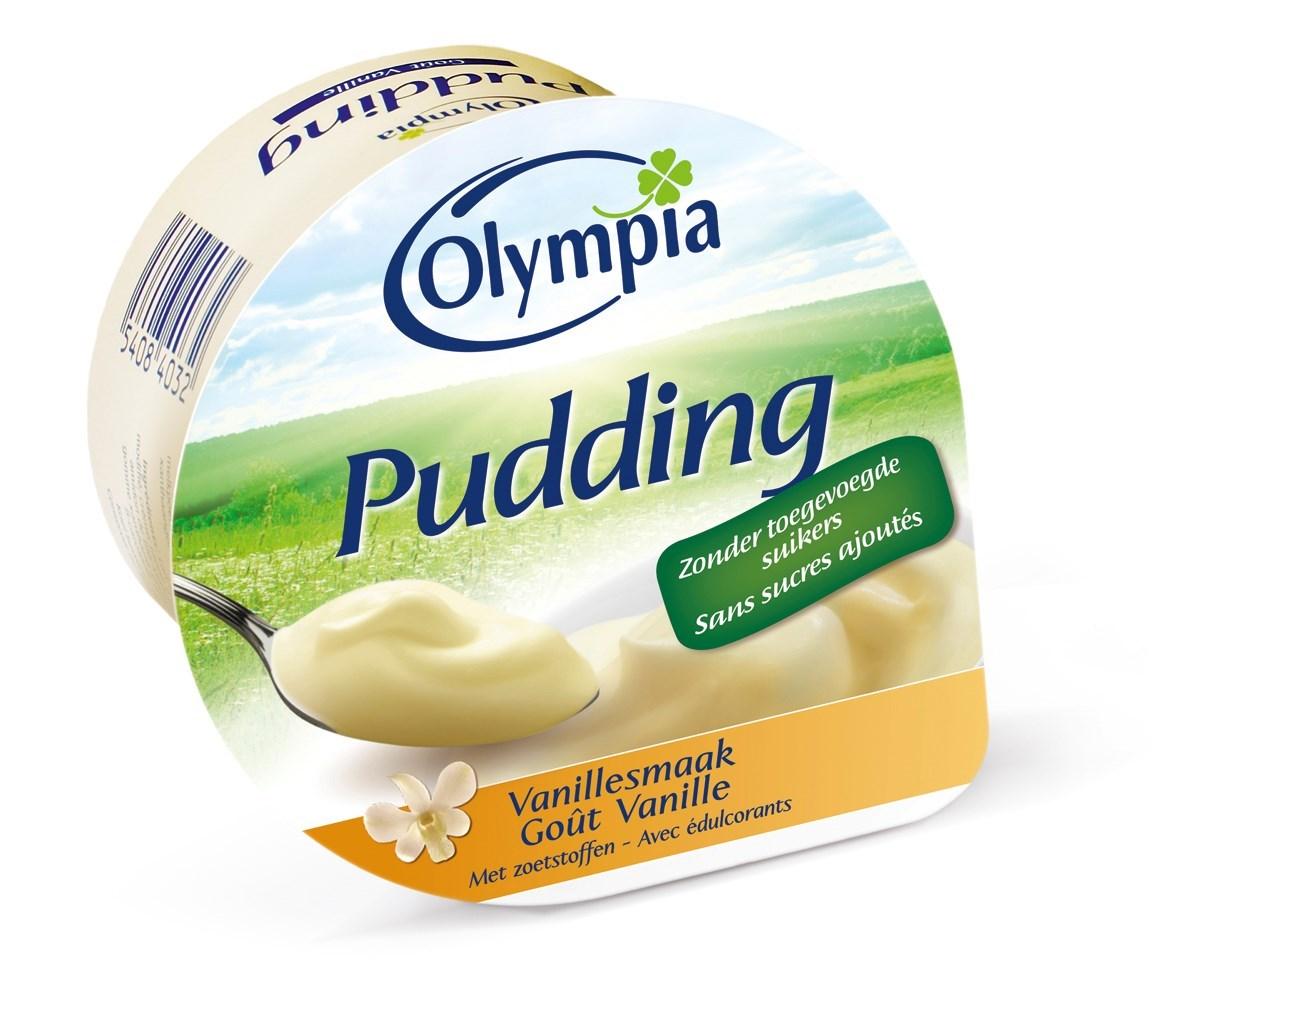 Productafbeelding Pudding vanillesmaak met zoetstoffen 100g